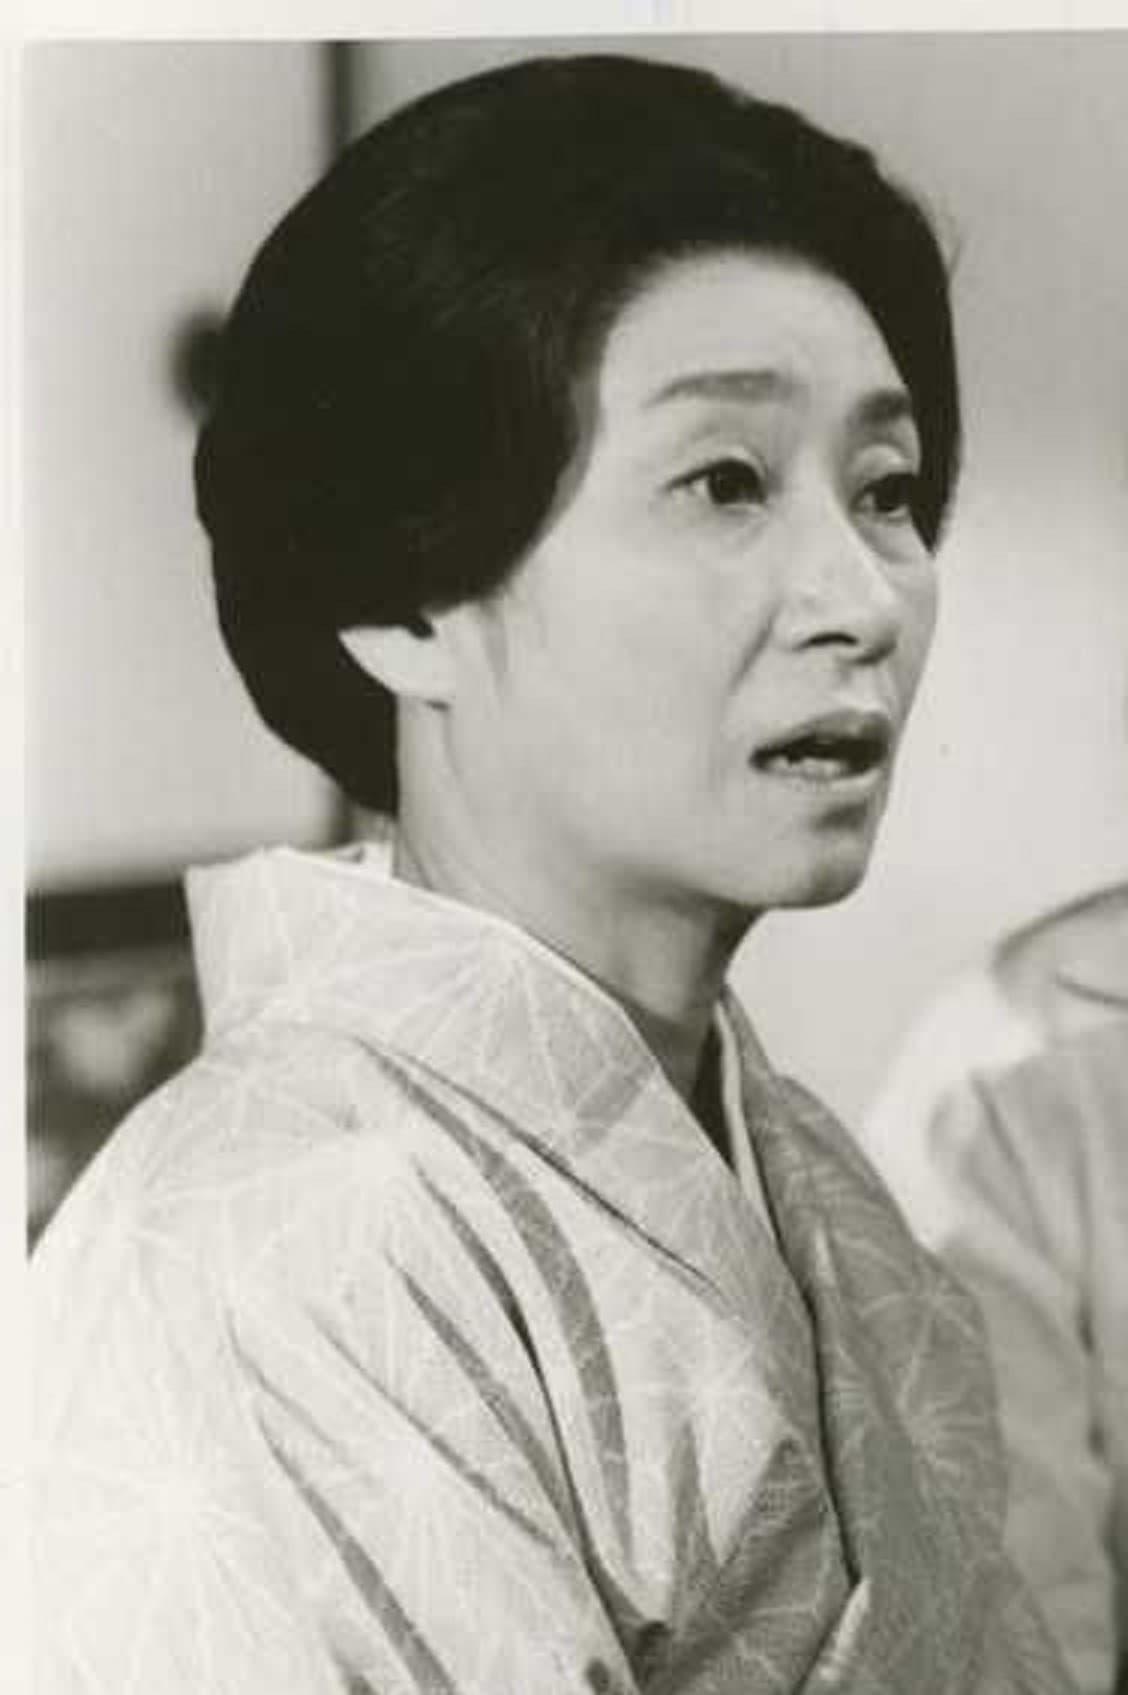 Hisano Yamaoka